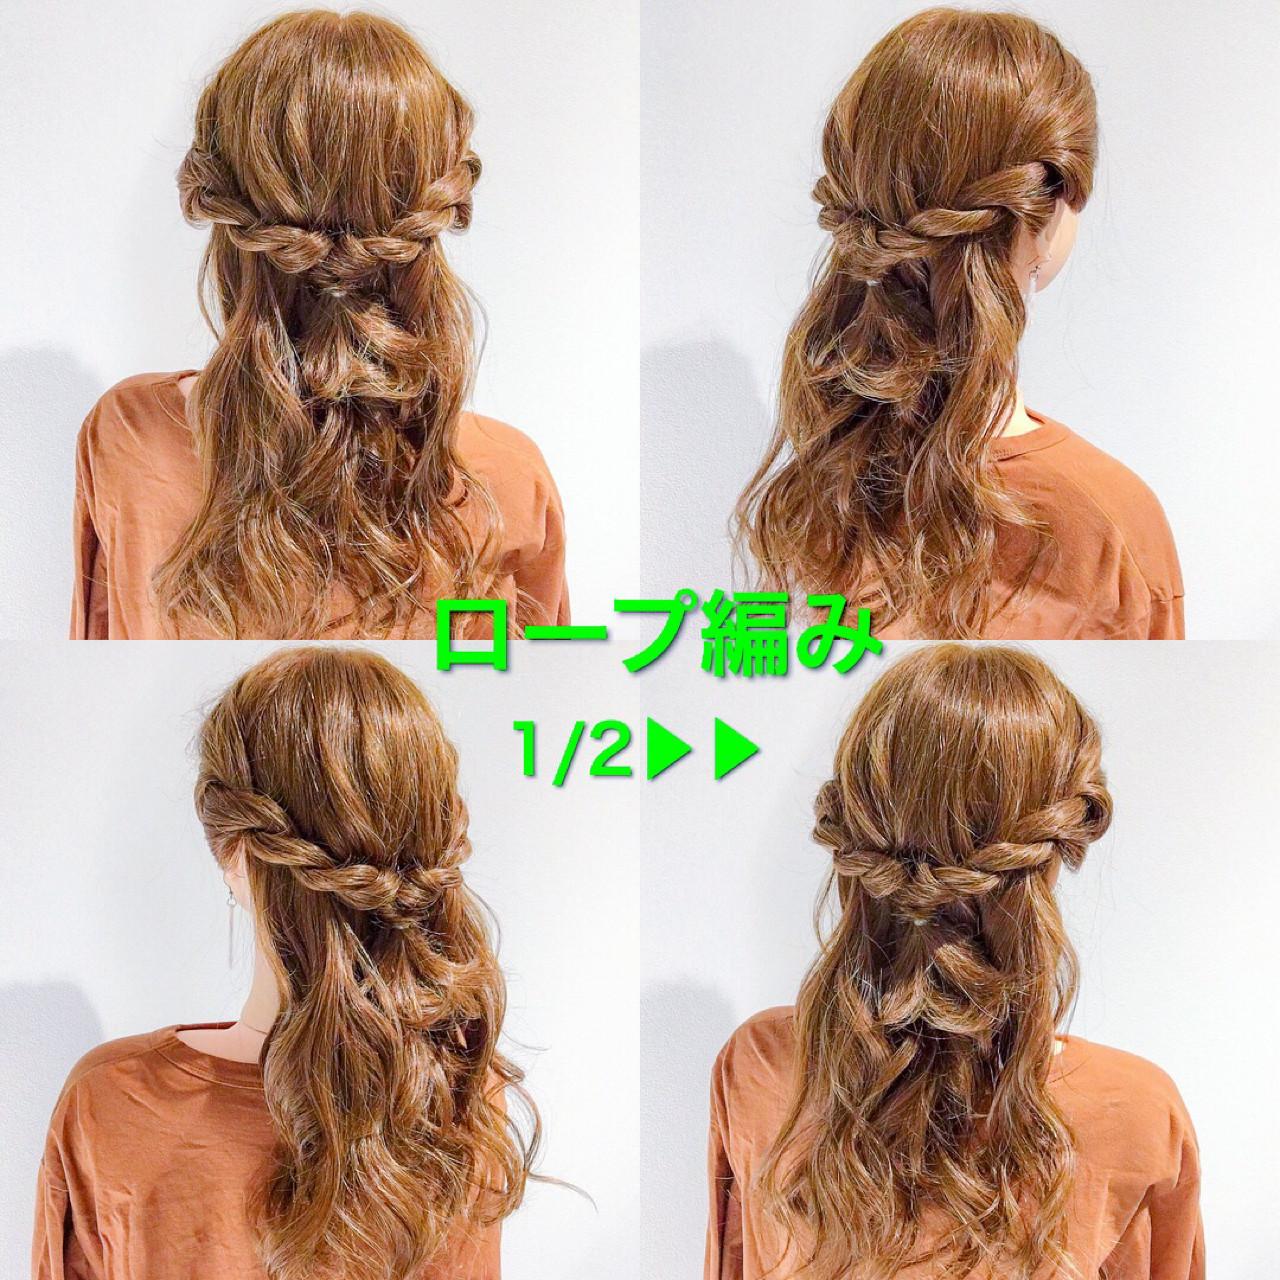 上品 エレガント 簡単ヘアアレンジ アウトドア ヘアスタイルや髪型の写真・画像